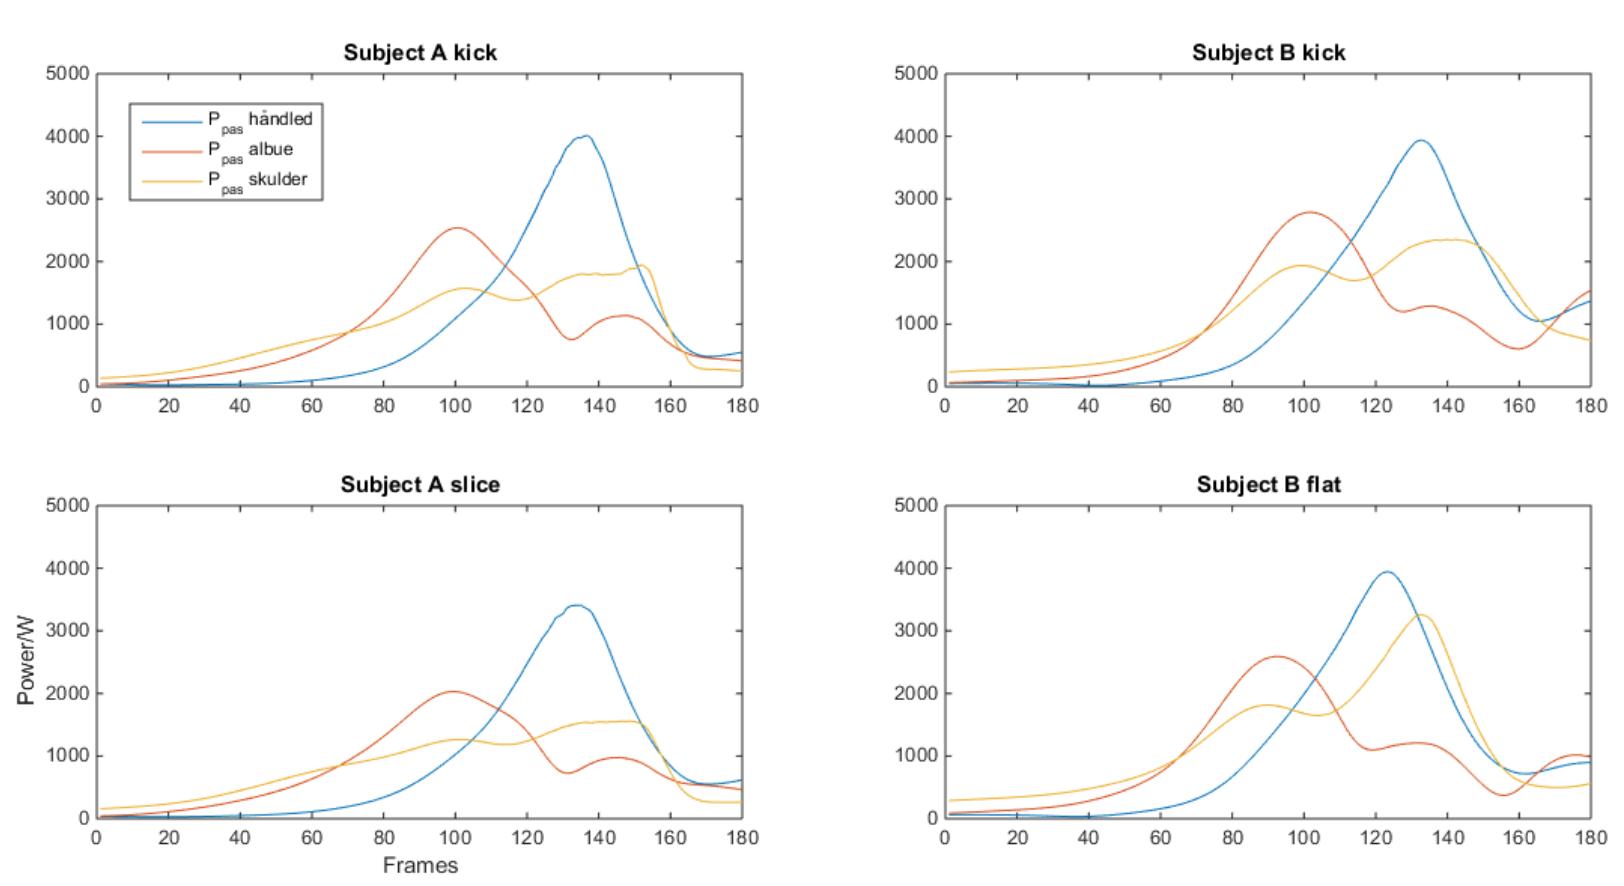 Figure 5: Den passive effekt over 3 led i armen. Resultaterne er midlet over alle optagelser for forsøgsperson og servetype.Subject A servede kick- og sliceserv. Subject B servede kick- og flad serv.